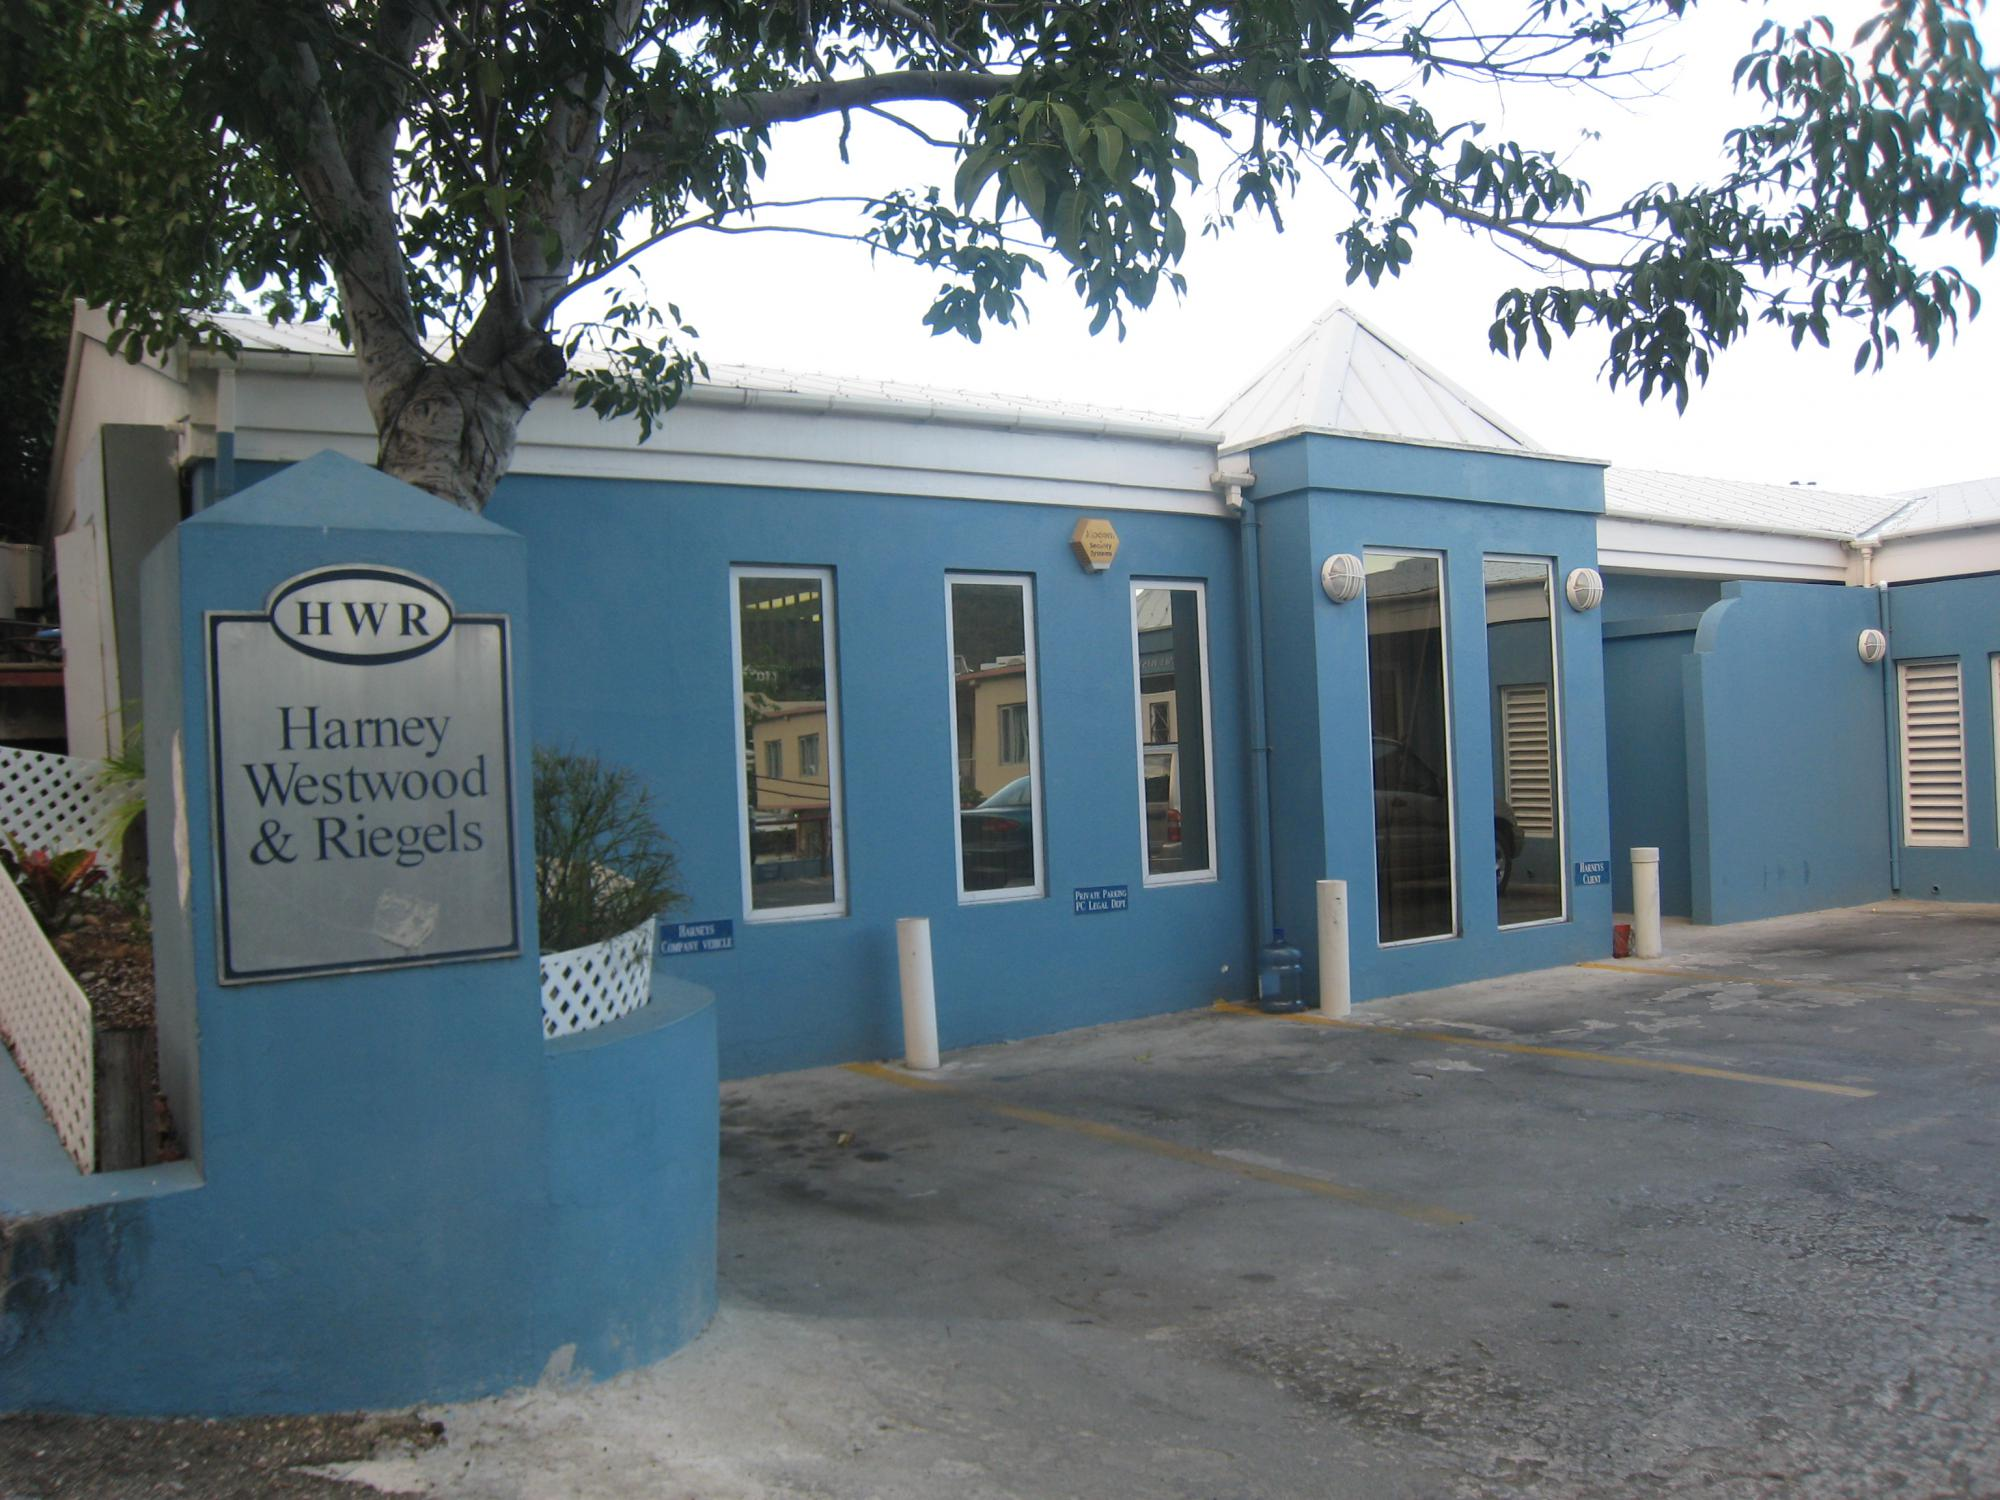 HWR - крупнейший агент и юридическая фирма на БВО. Кроме того, Harneys является советником правительству БВО.